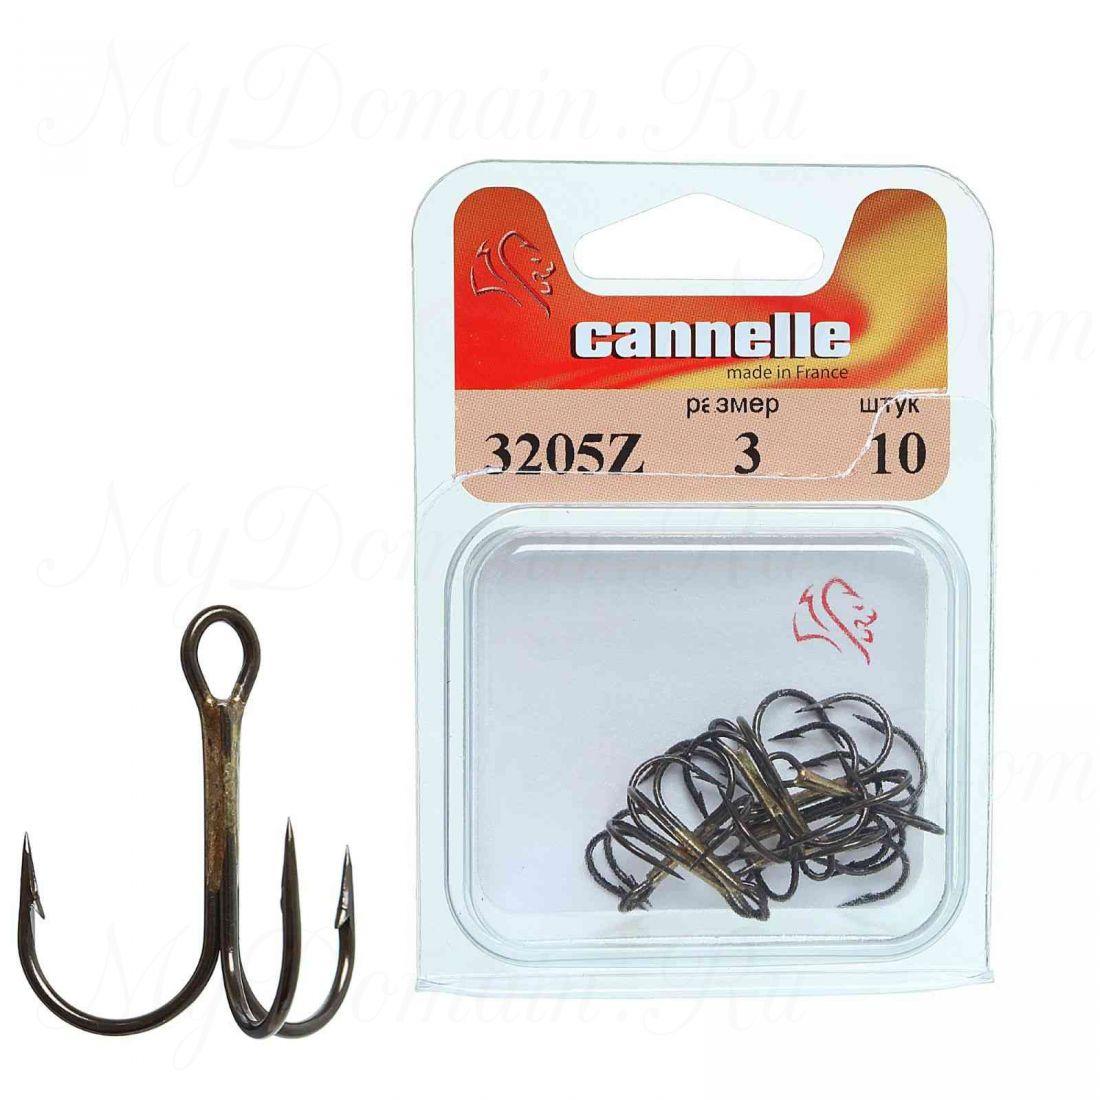 Тройник Cannelle 3205 Z № 4 уп. 10 шт. (бронза,круглый поддев,стандартный тройник,средняя проволка)